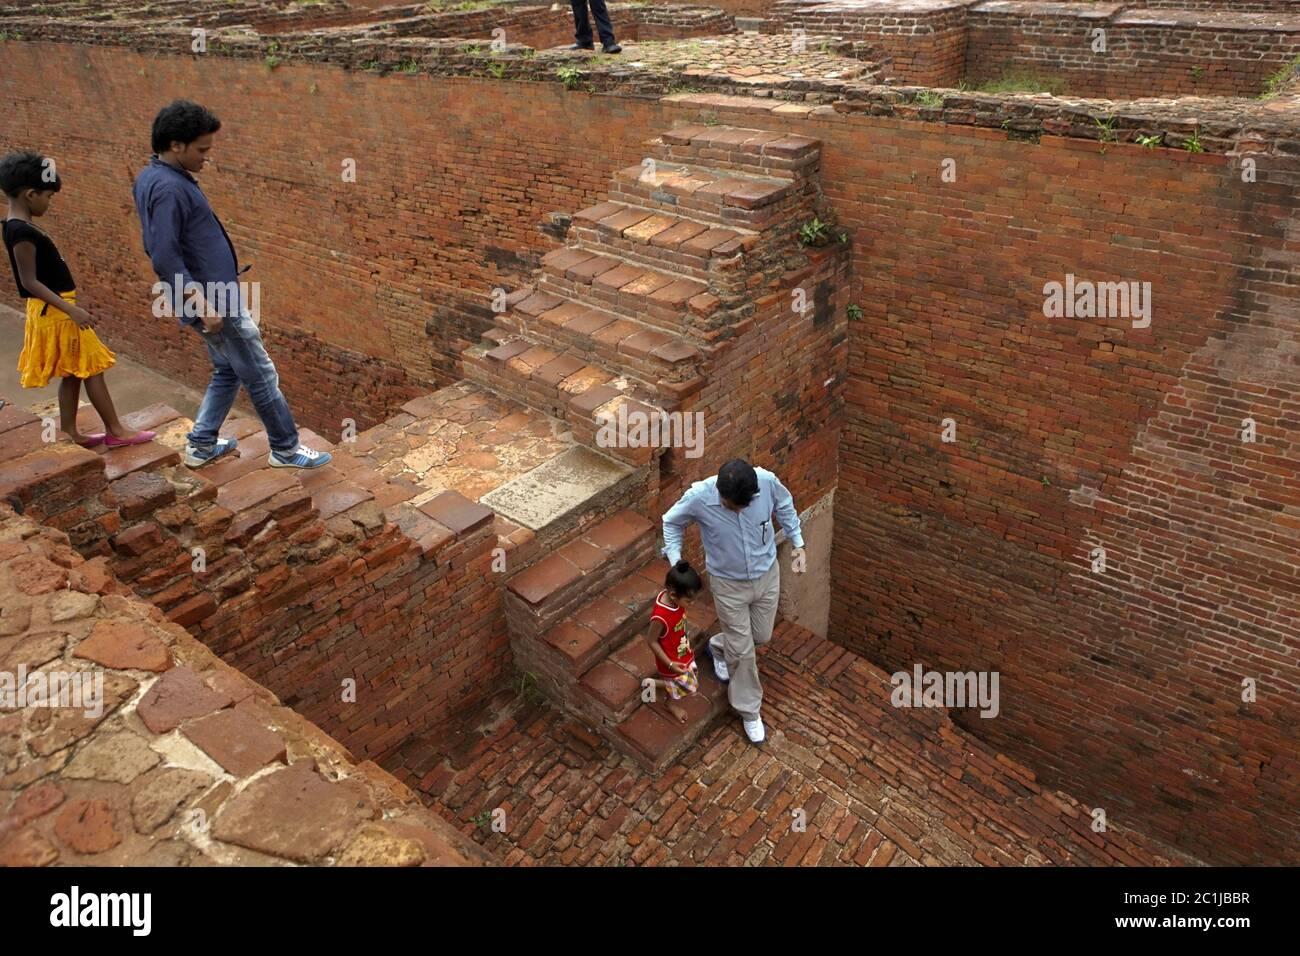 Familia que desciende de uno de los monasterios excavados dentro del antiguo complejo universitario budista Nalanda en Nalanda, Bihar, India. Foto de stock